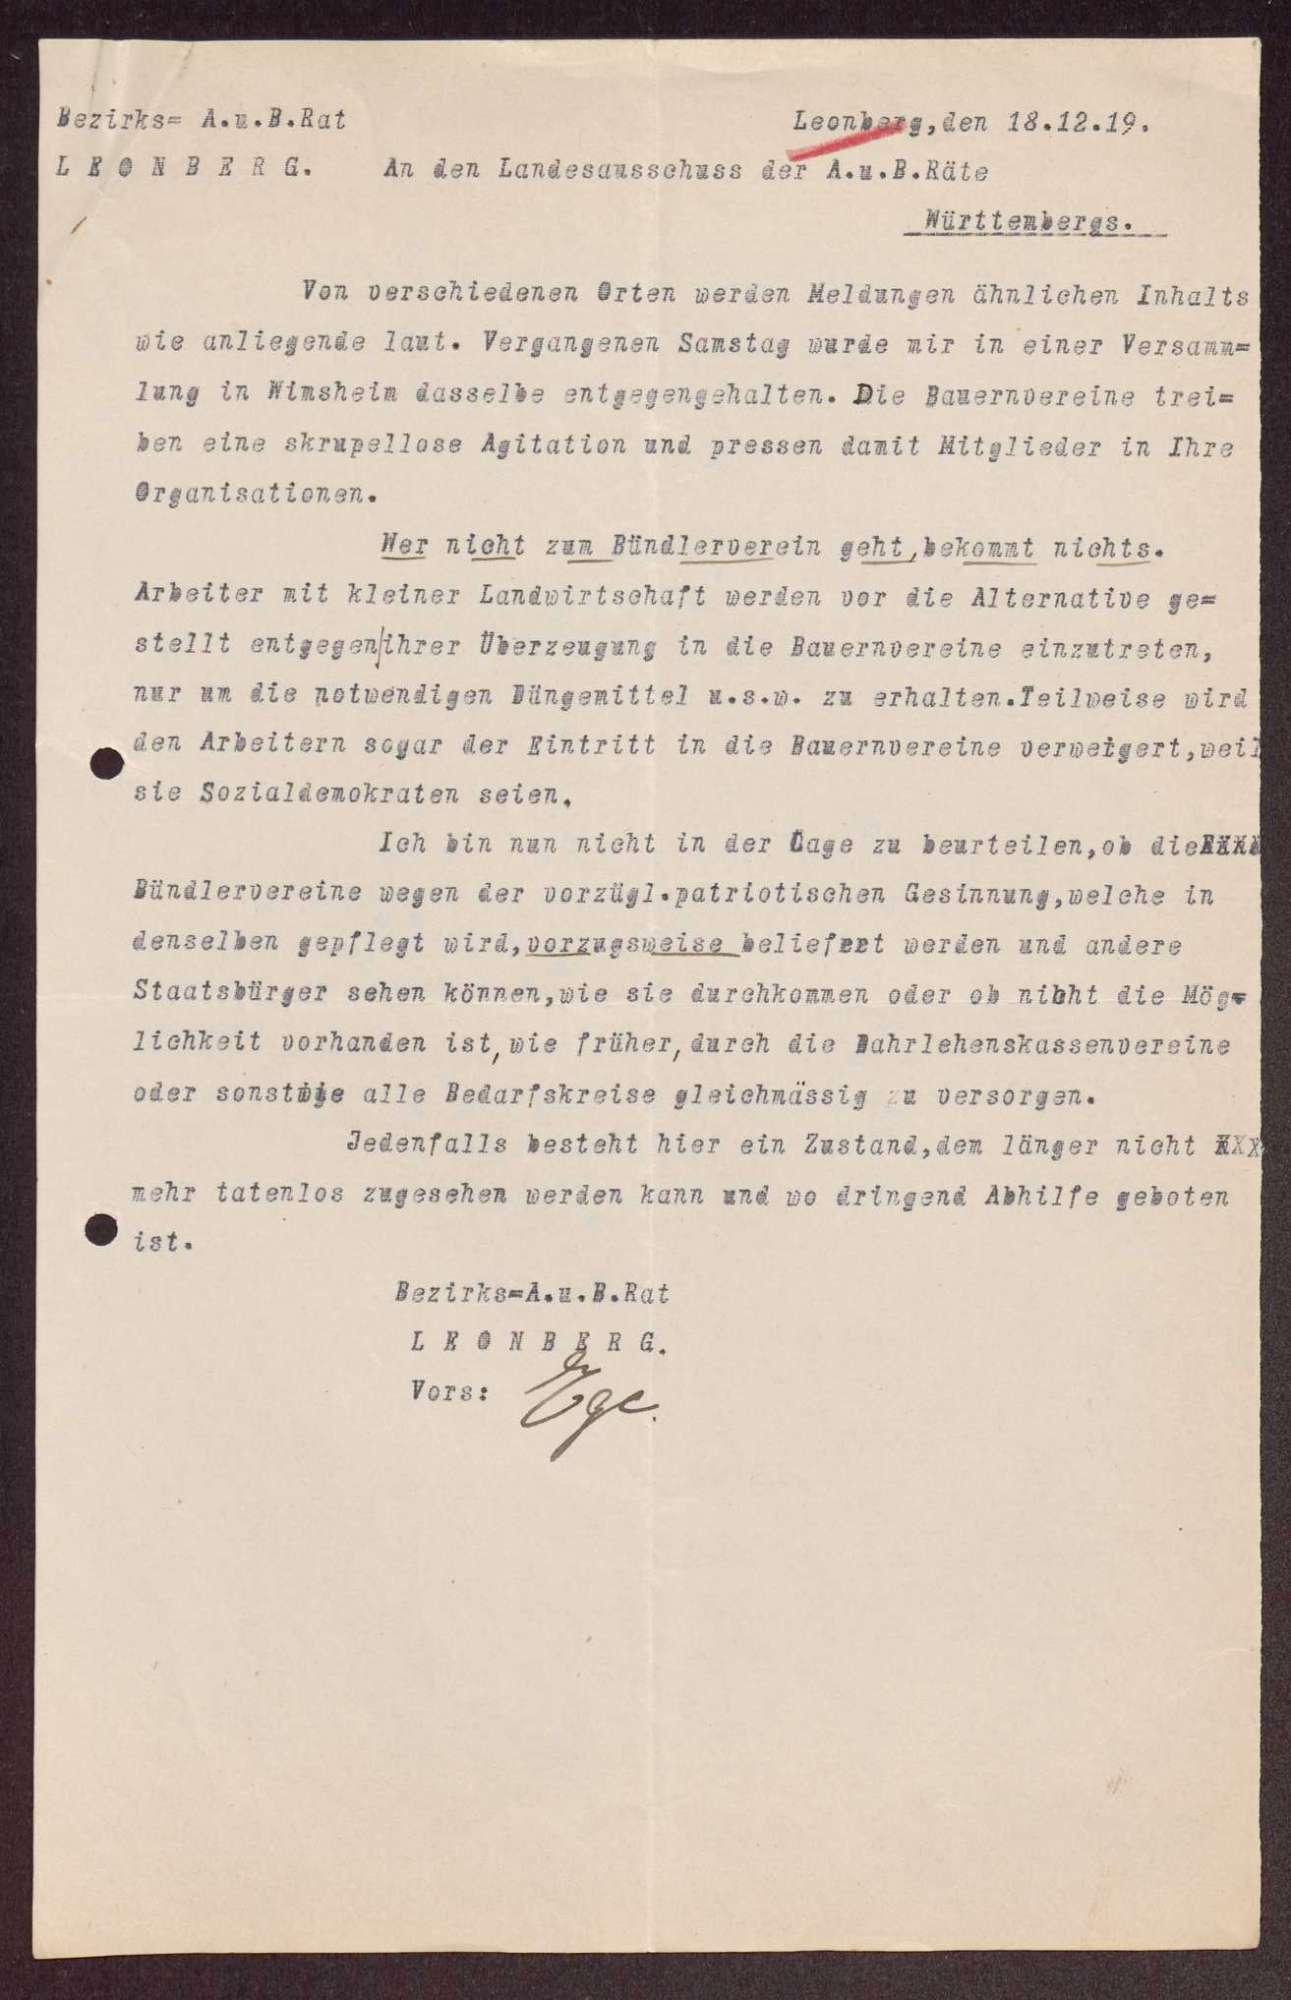 Wahl, Zusammensetzung und Auflösung der Arbeiter- und Bauernräte im Oberamt Leonberg, Bild 3